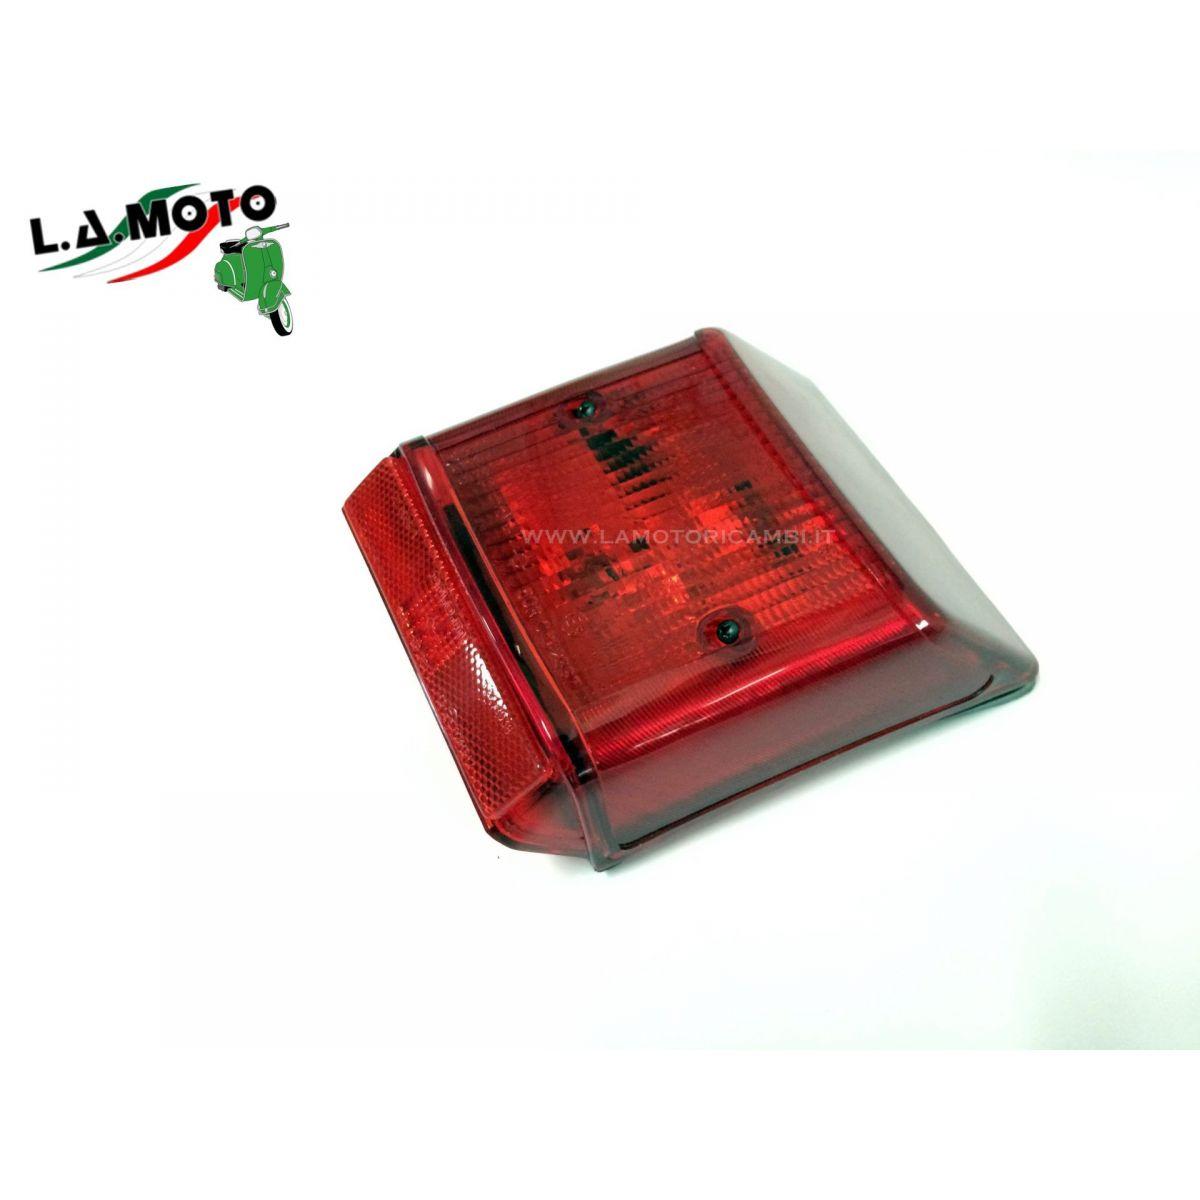 FANALE POSTERIORE TRIOM COMPLETO DI LAMPADE PER VESPA PK 125 CC. PK XL